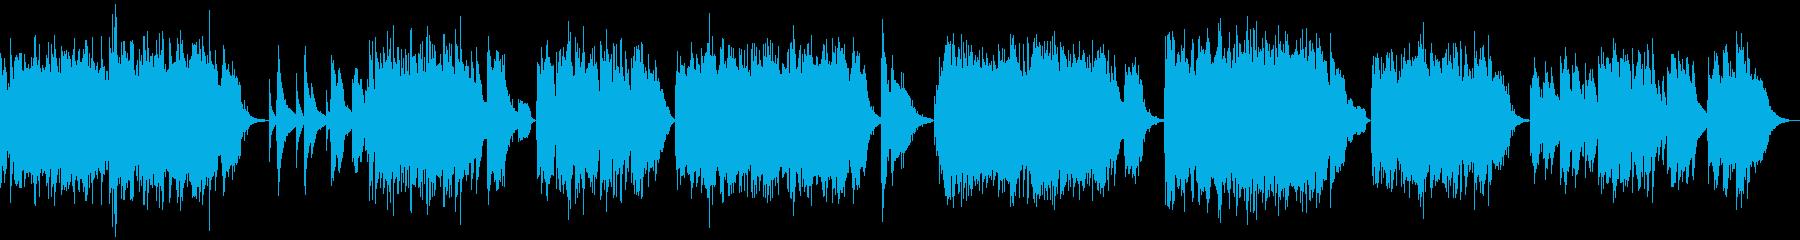 7曲の短編ソロピアノ曲集の再生済みの波形